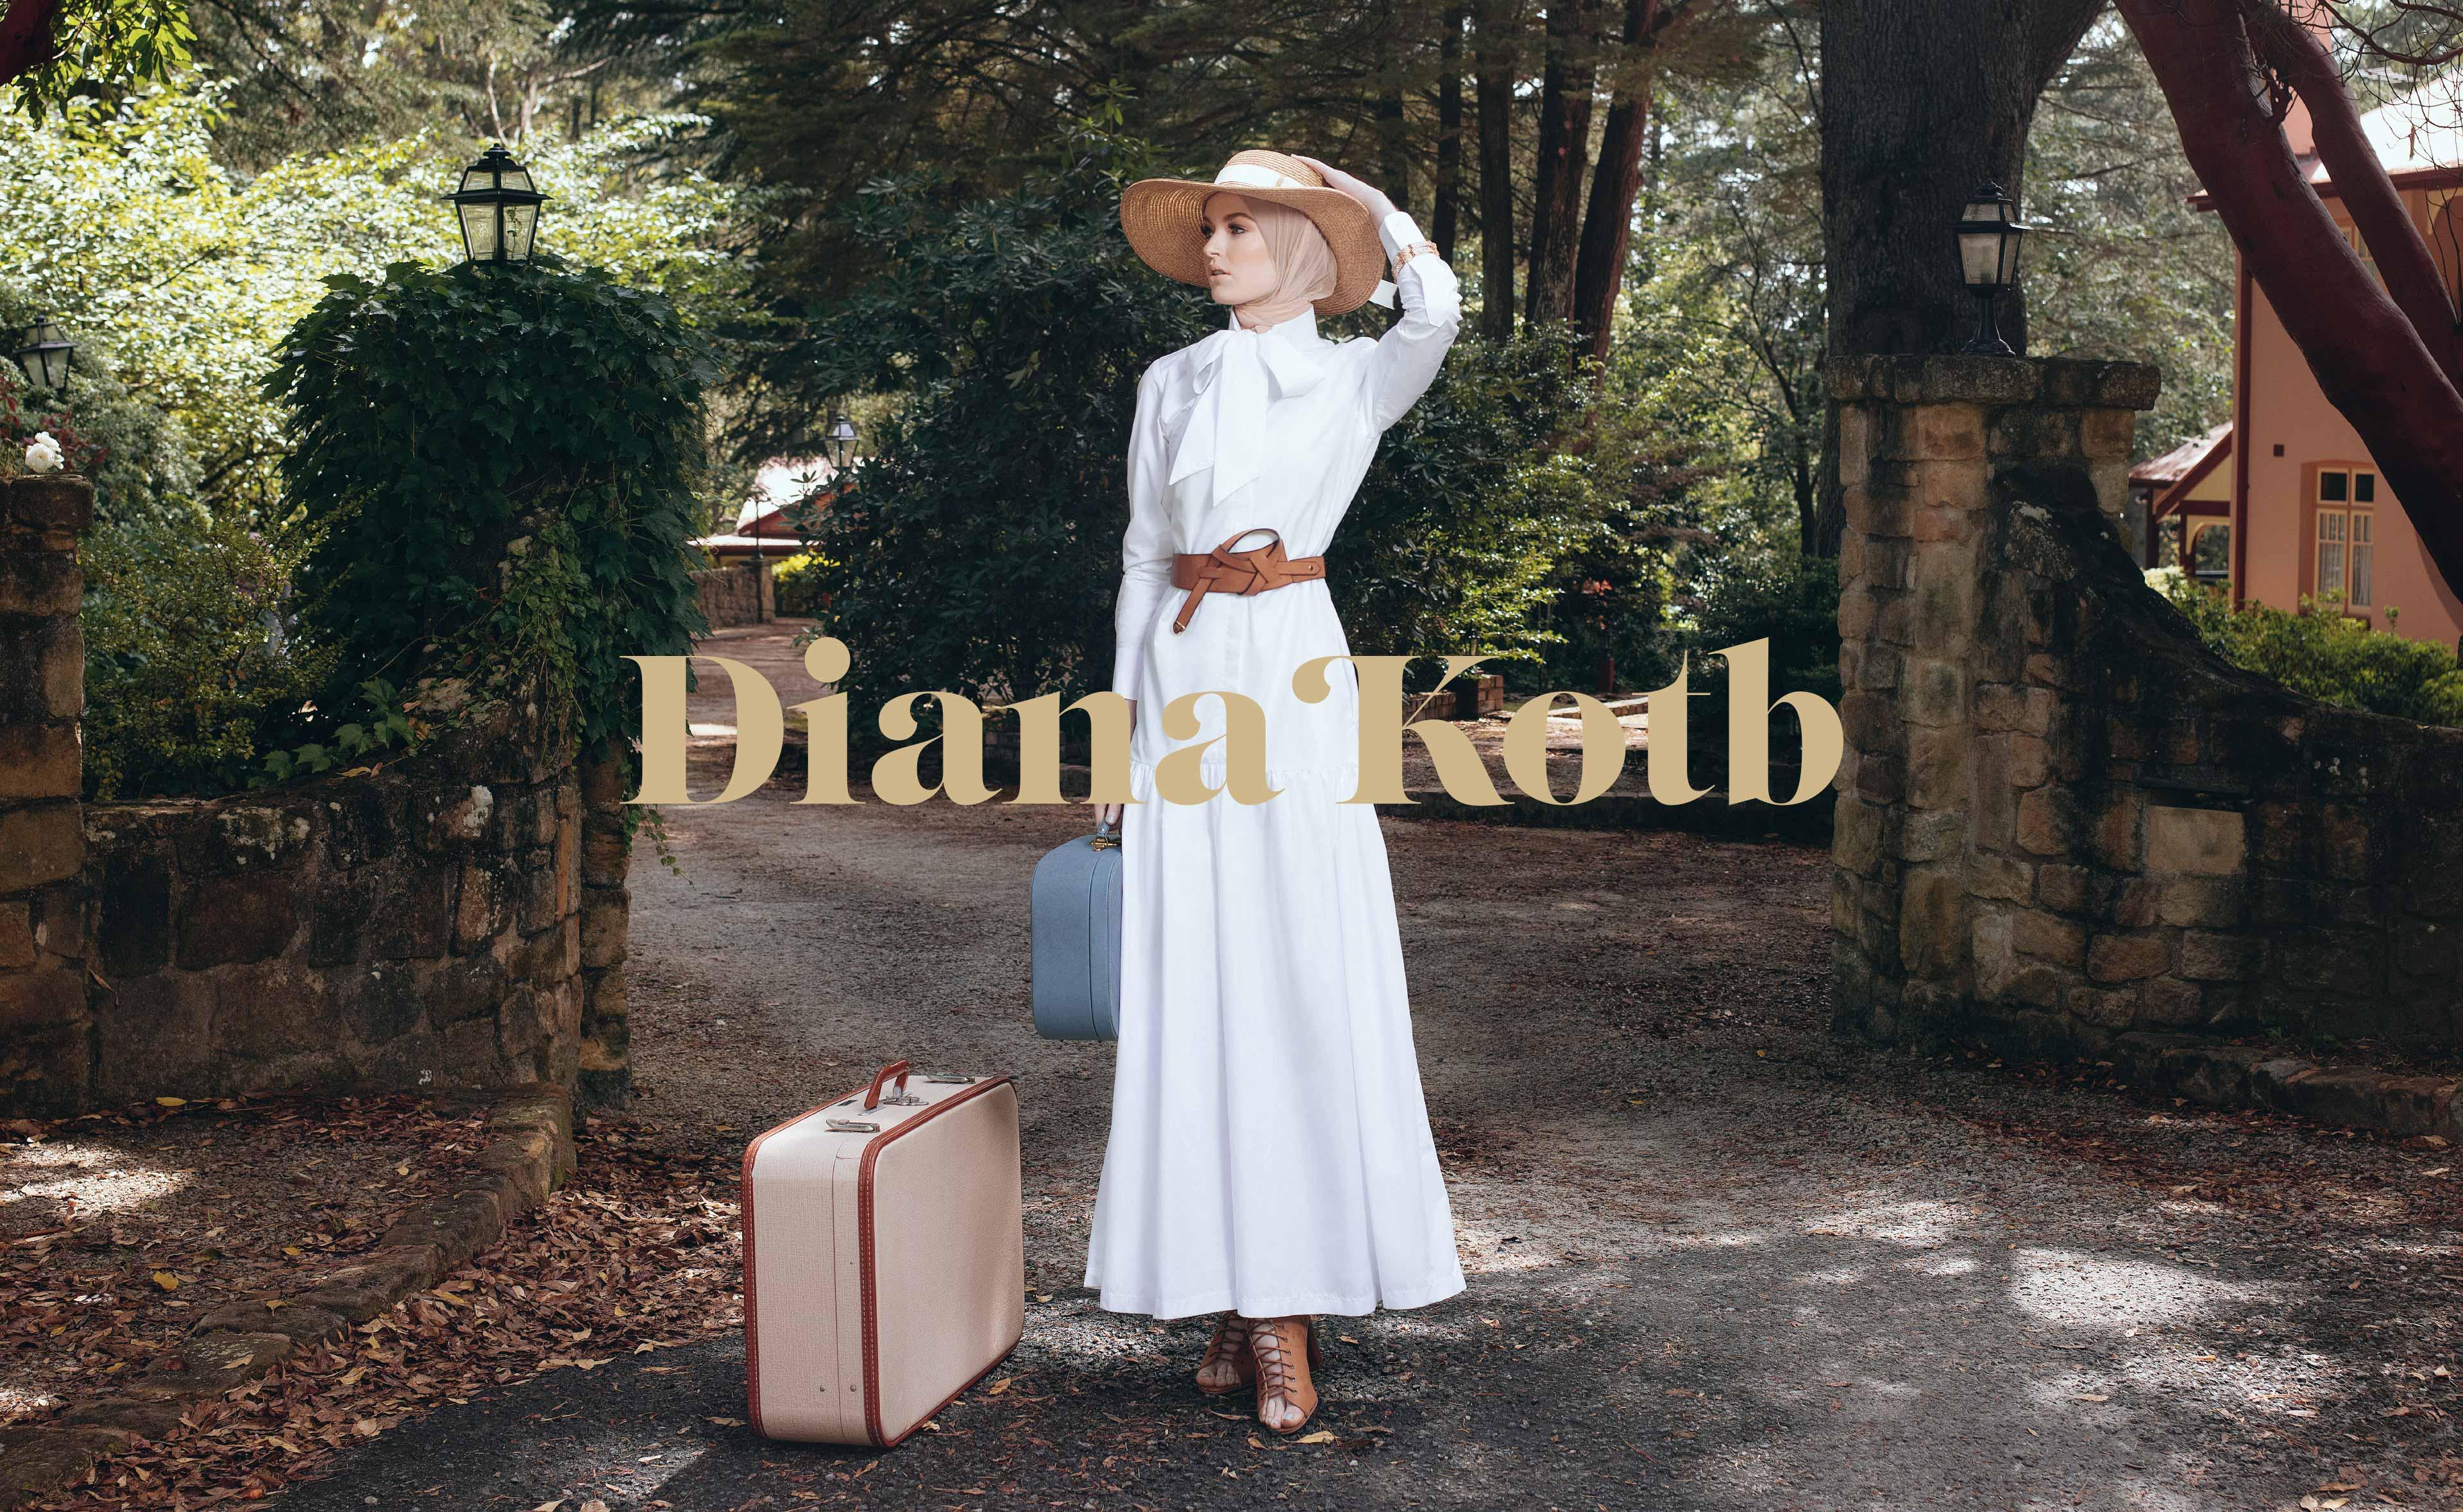 Diana Kotb